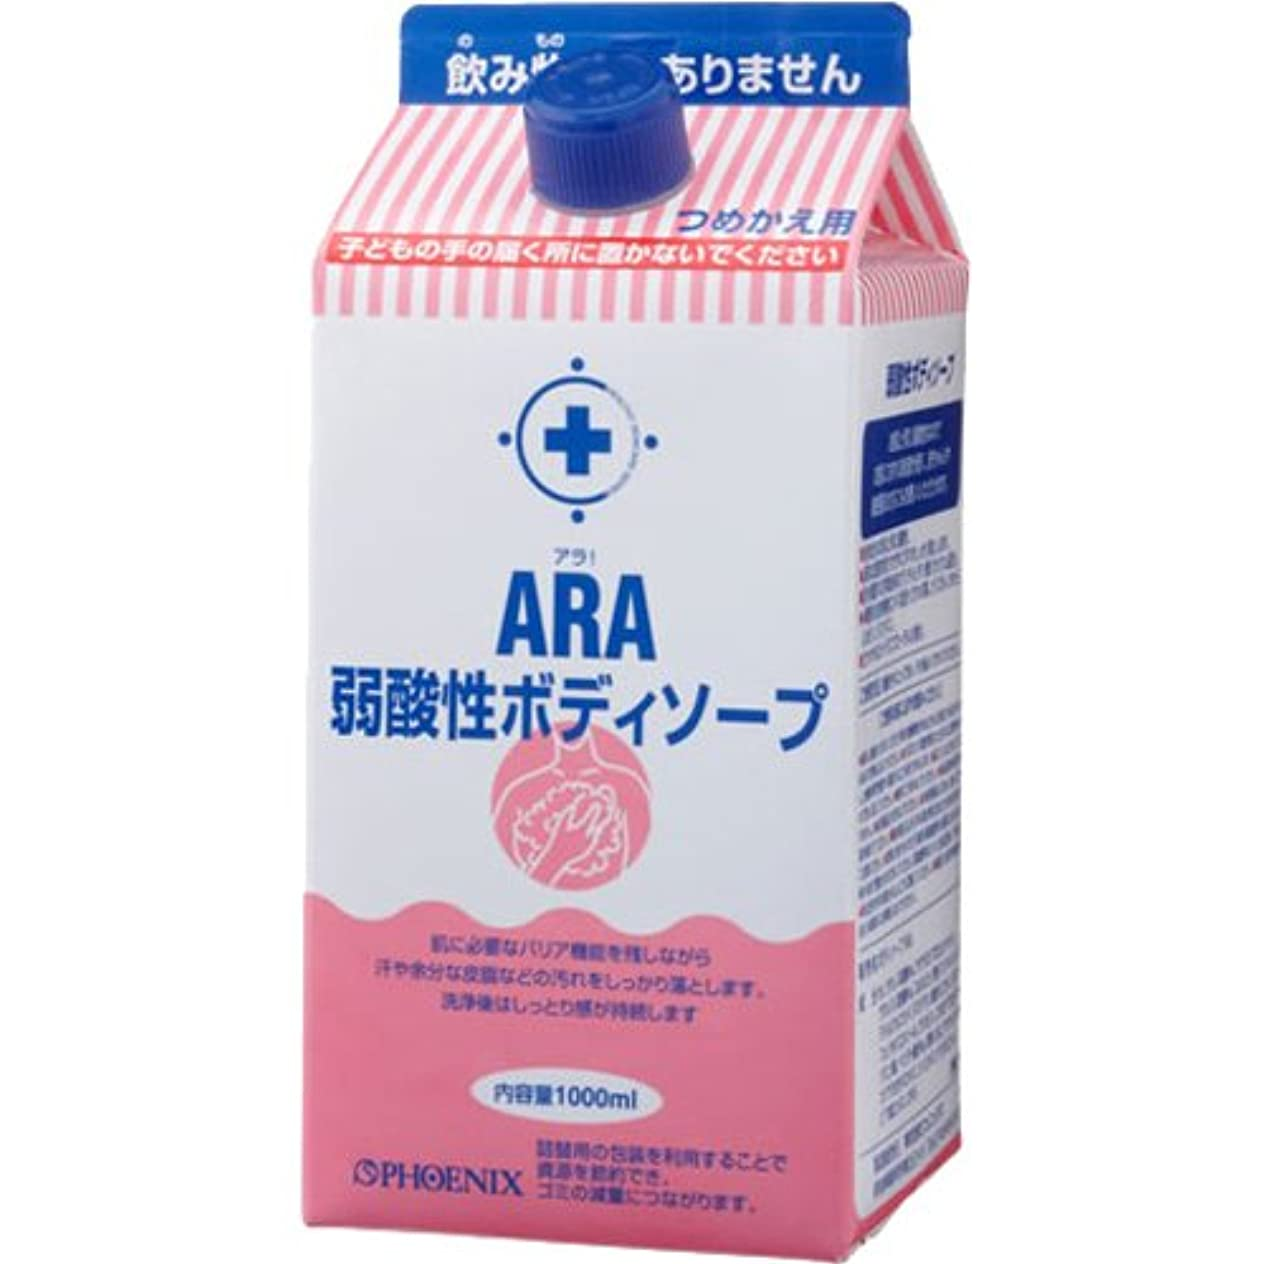 不潔公式急流ARA 弱酸性ボディソープ (詰替え用) 1000ml×12入り